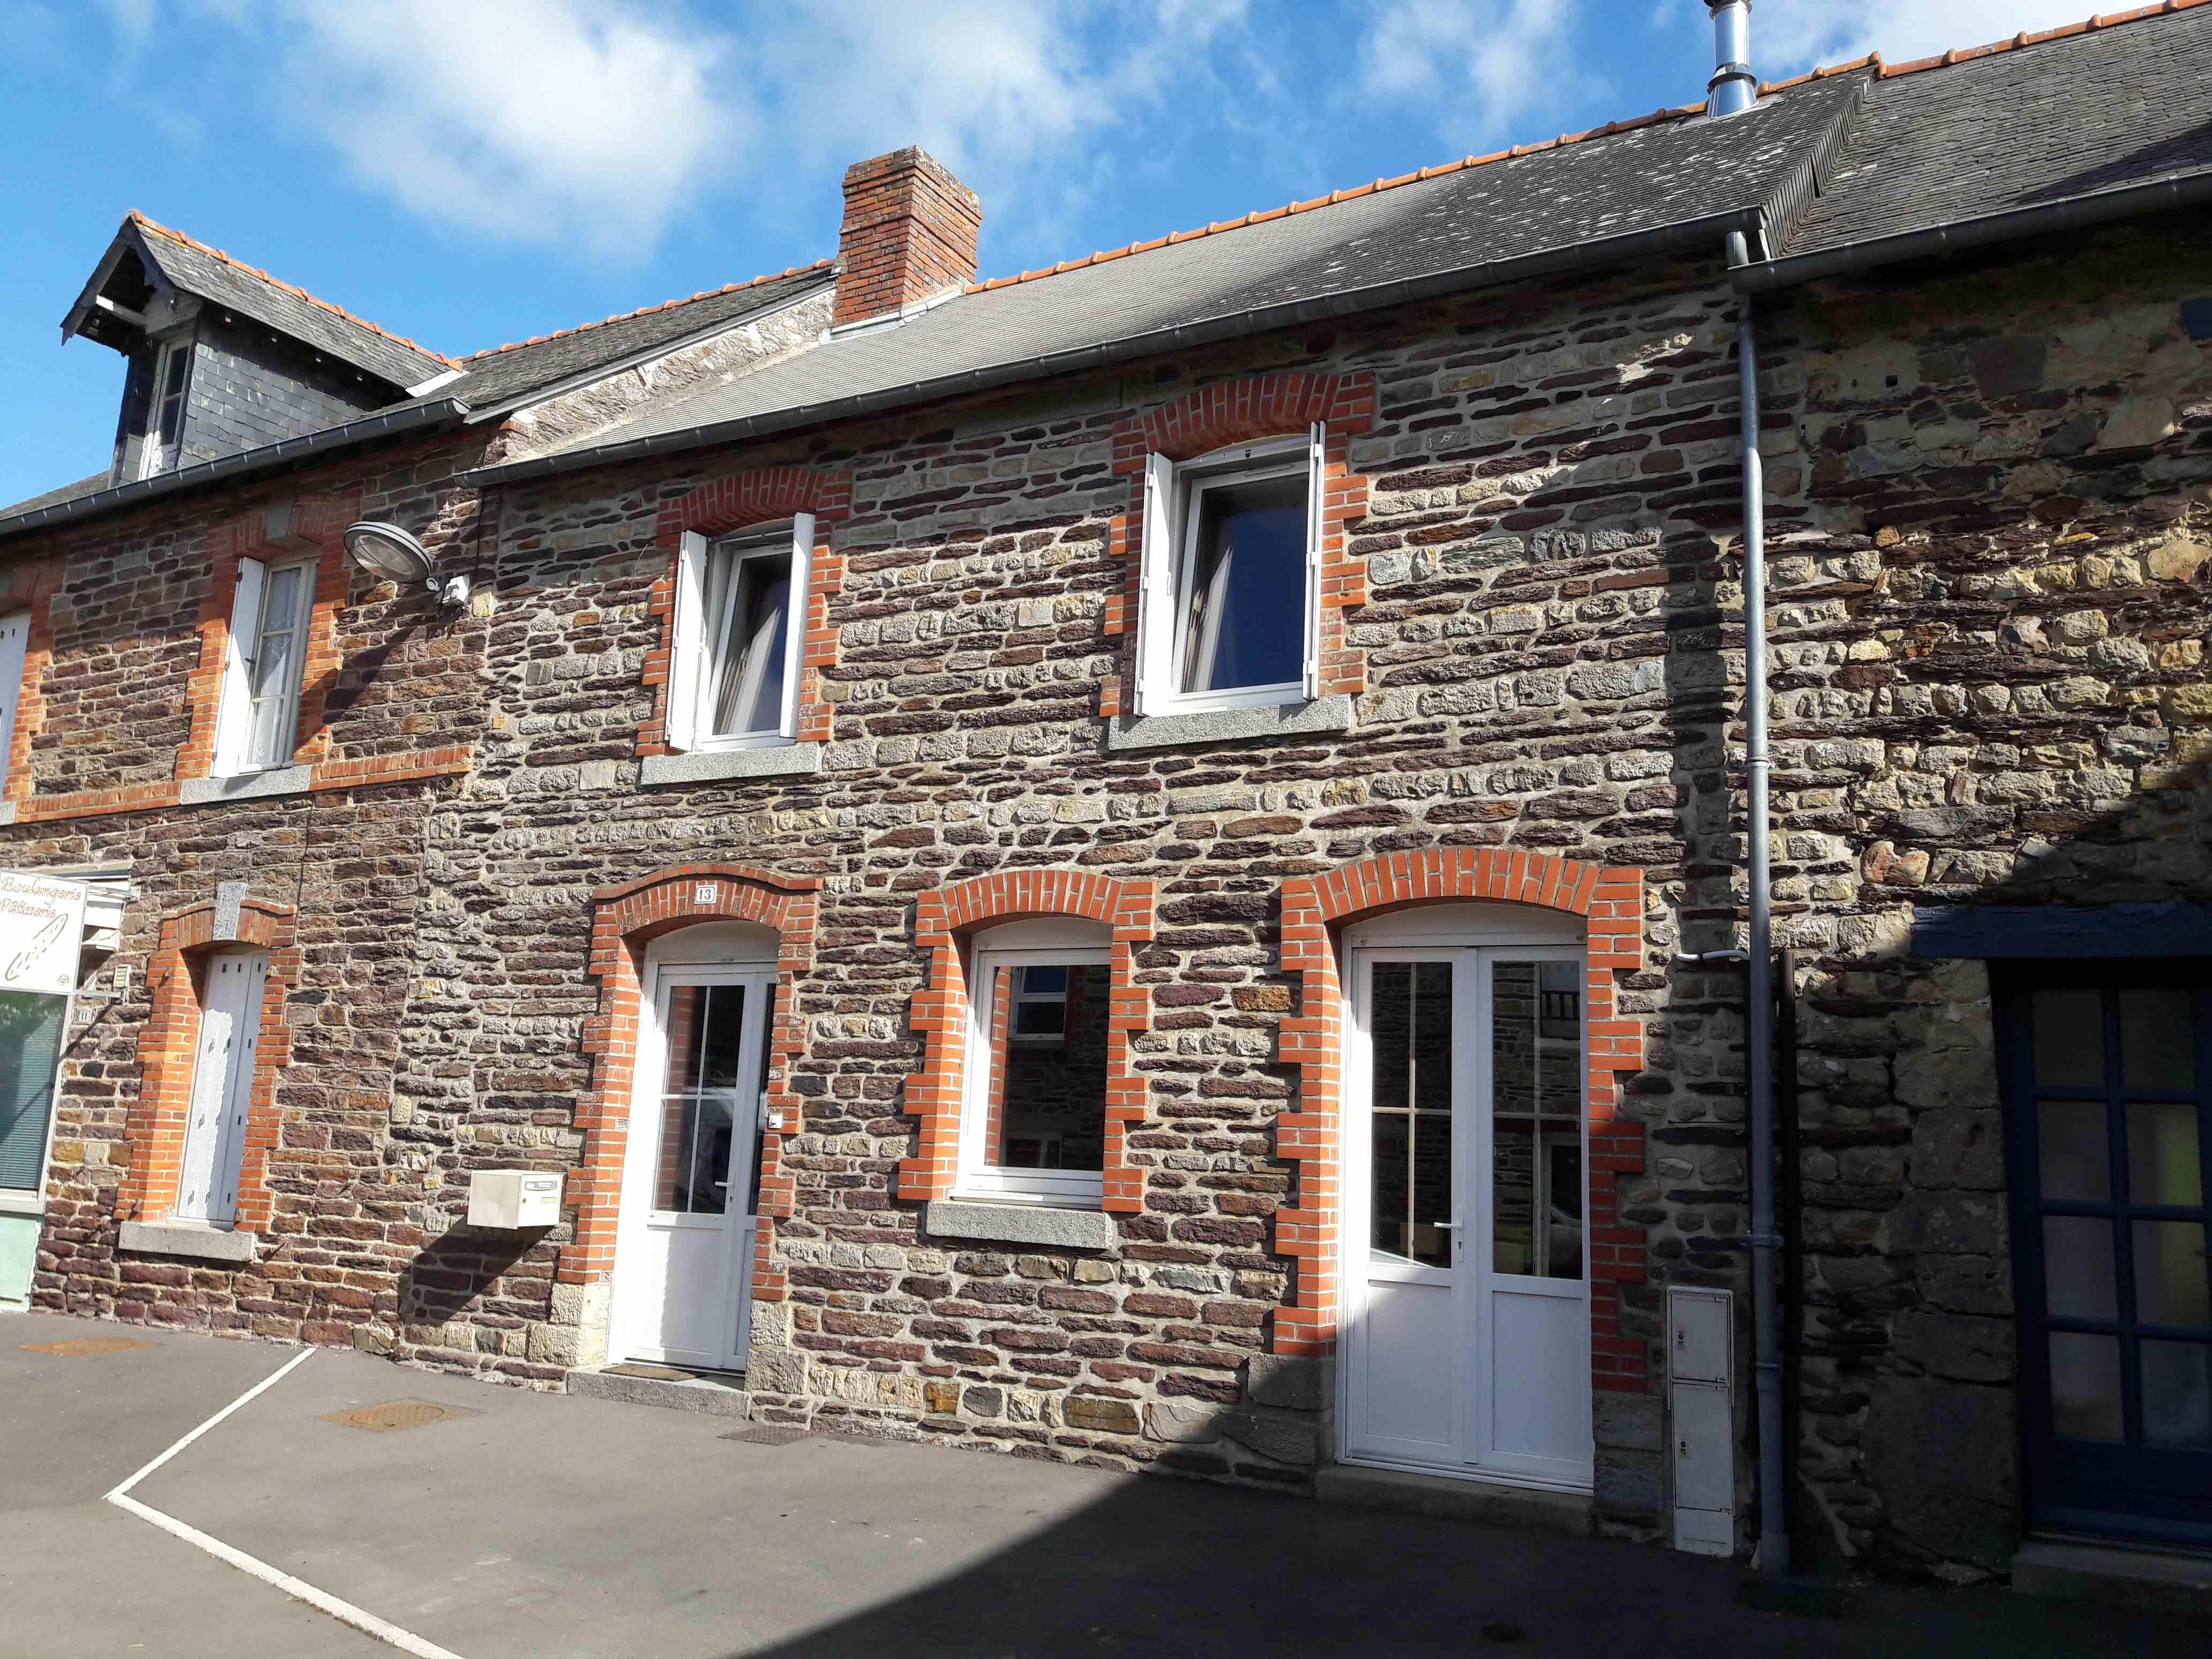 Vente maison baulon 35580 sur le partenaire for Simulation pret foncier